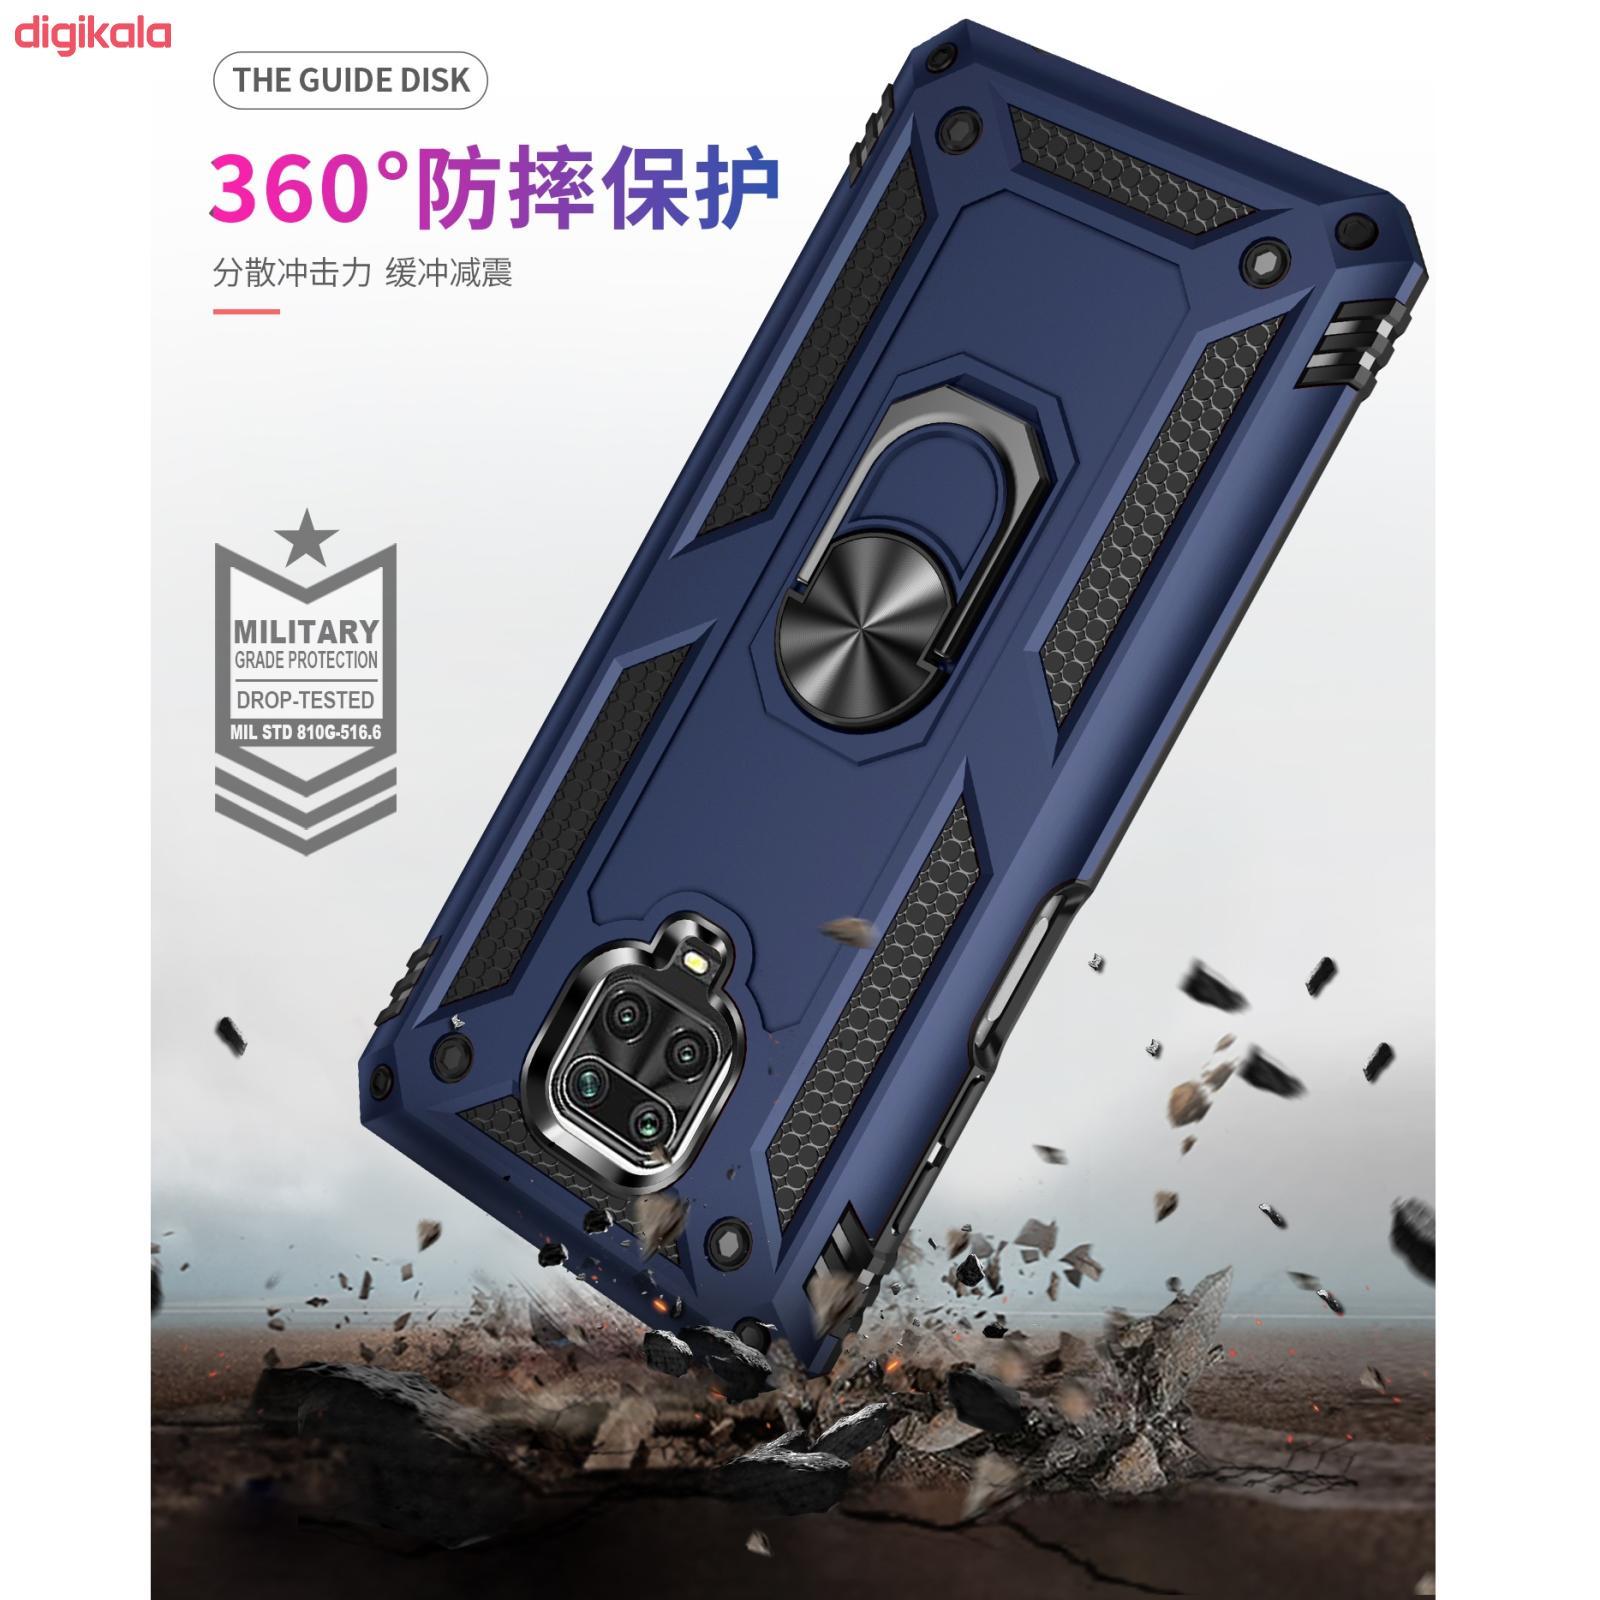 کاور آرمور مدل AR-2650 مناسب برای گوشی موبایل شیائومی Redmi Note 9s / Note 9 Pro main 1 9